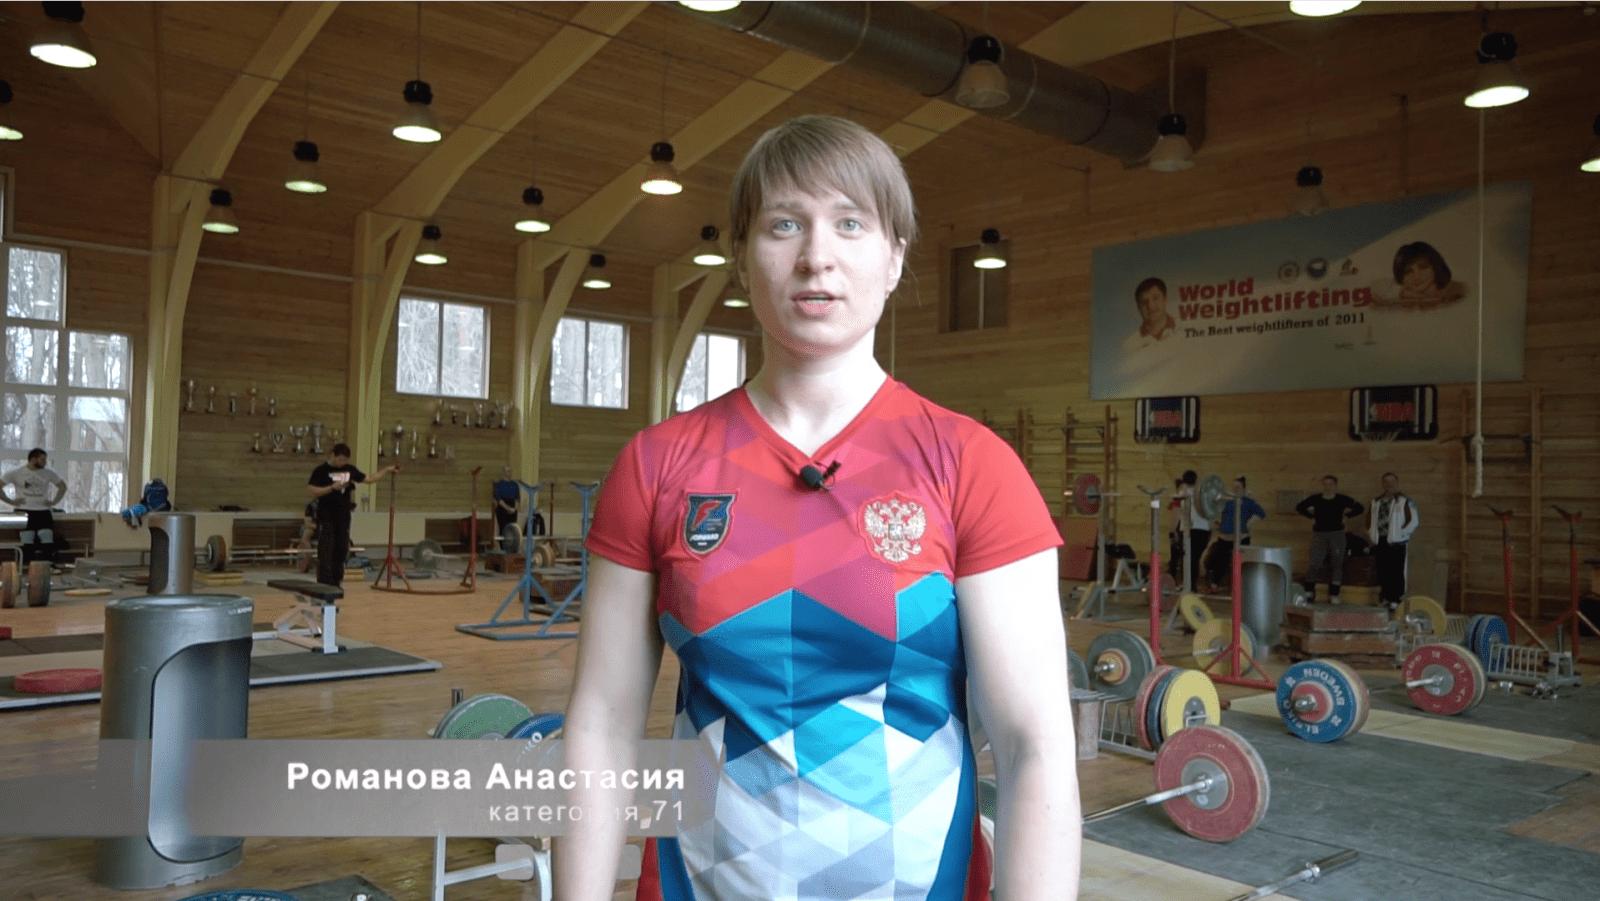 Тяжелая Атлетика Евро 2020. Анастасия Романова